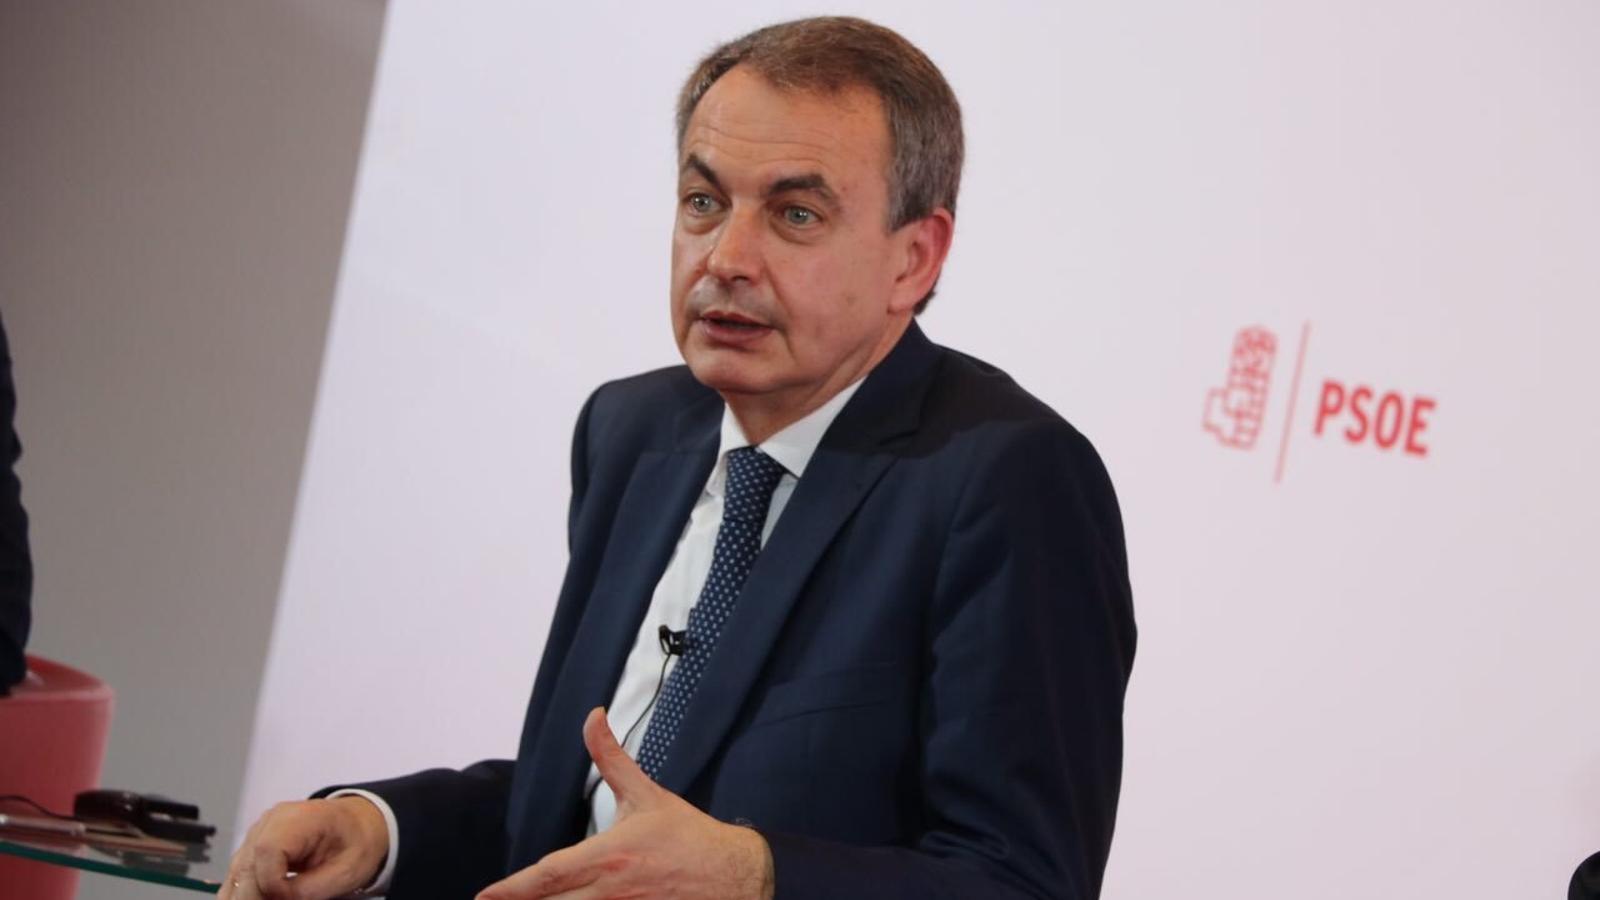 Imputades dues ex alts càrrecs de govern de Zapatero pel presumpte finançament il·legal del PSPV